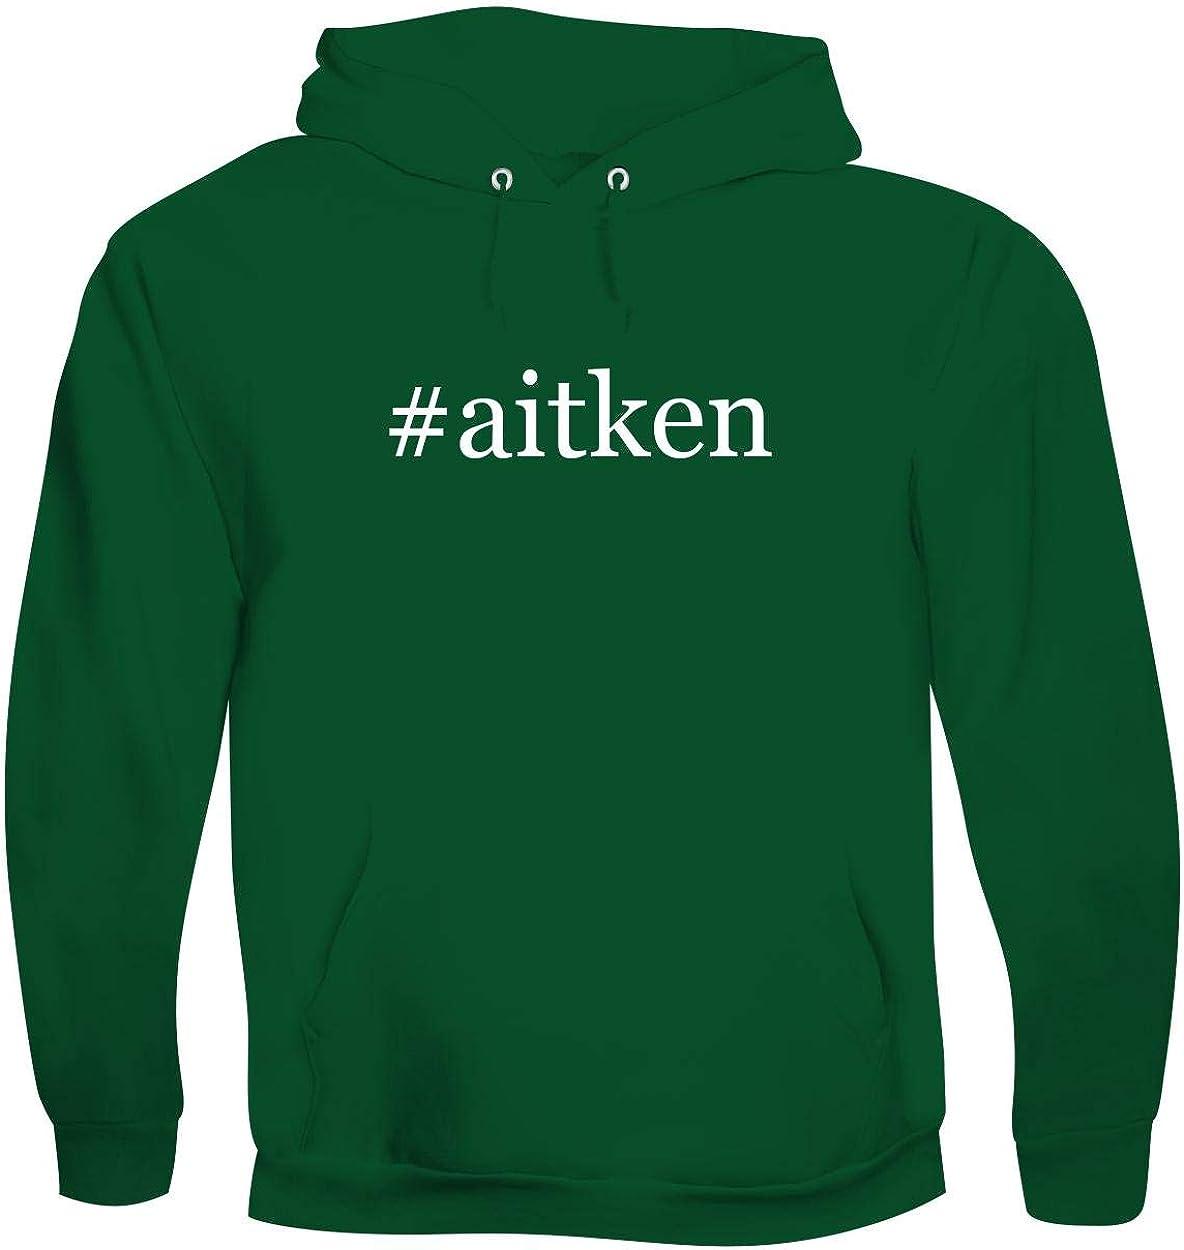 #aitken - Men's Hashtag Soft & Comfortable Hoodie Sweatshirt Pullover